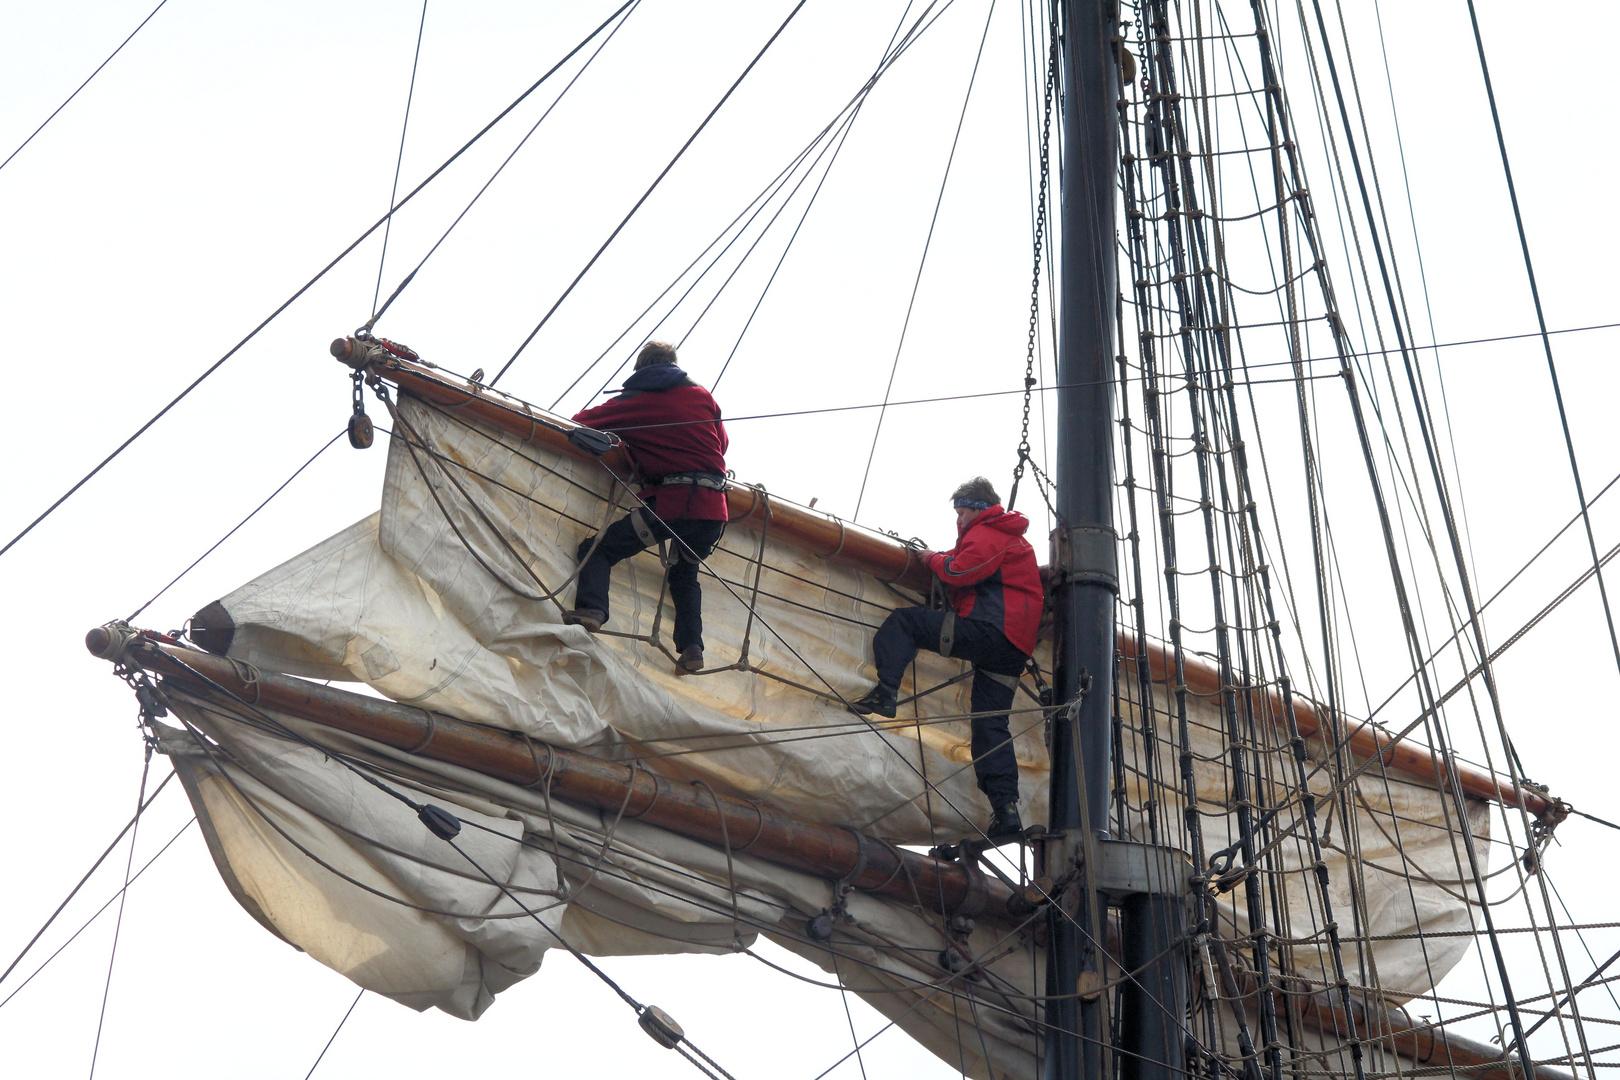 klettern in den Masten gesehen auf dem Hamburgerhafengeburtstag 825